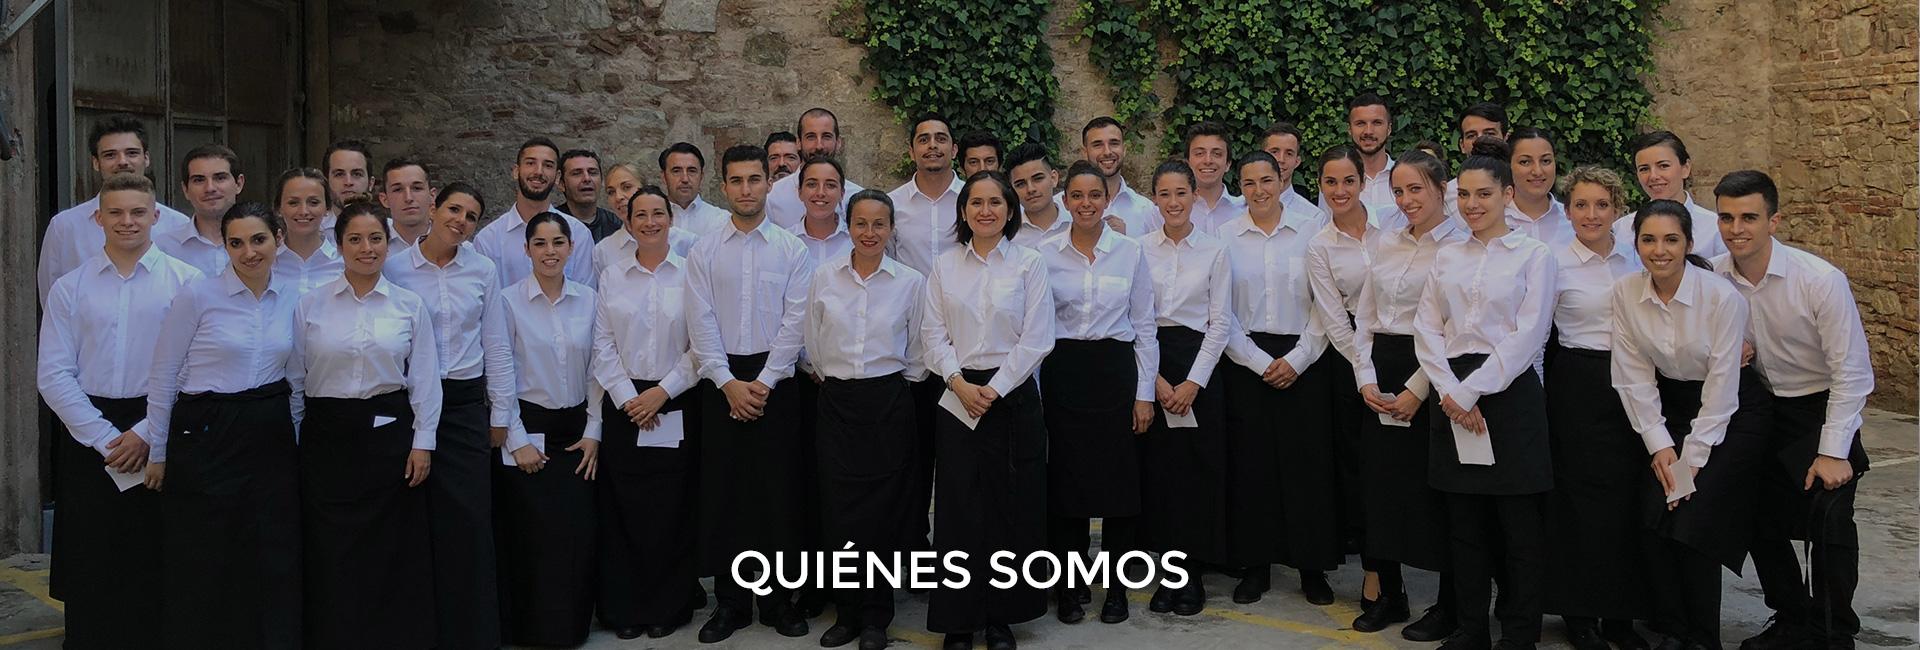 Quienes somos camareros BCN